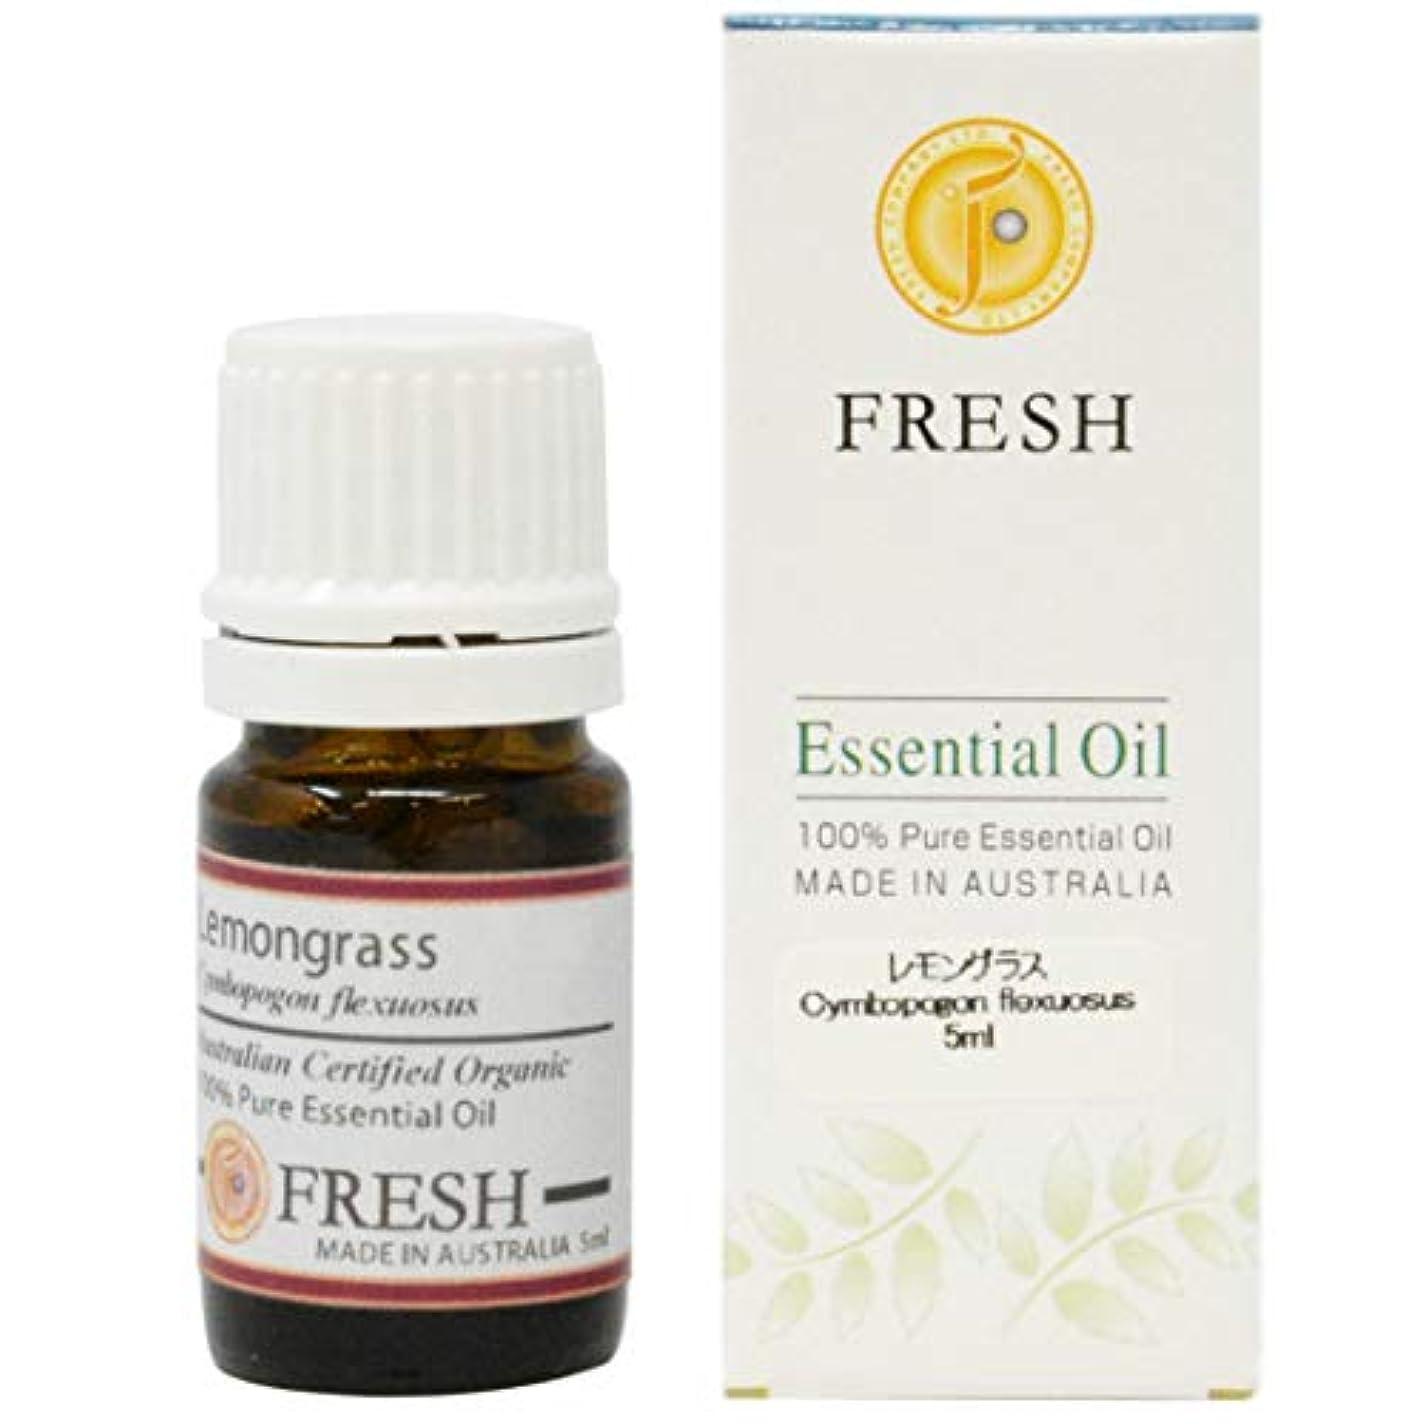 キロメートル一般所属FRESH オーガニック エッセンシャルオイル レモングラス 5ml (FRESH 精油)